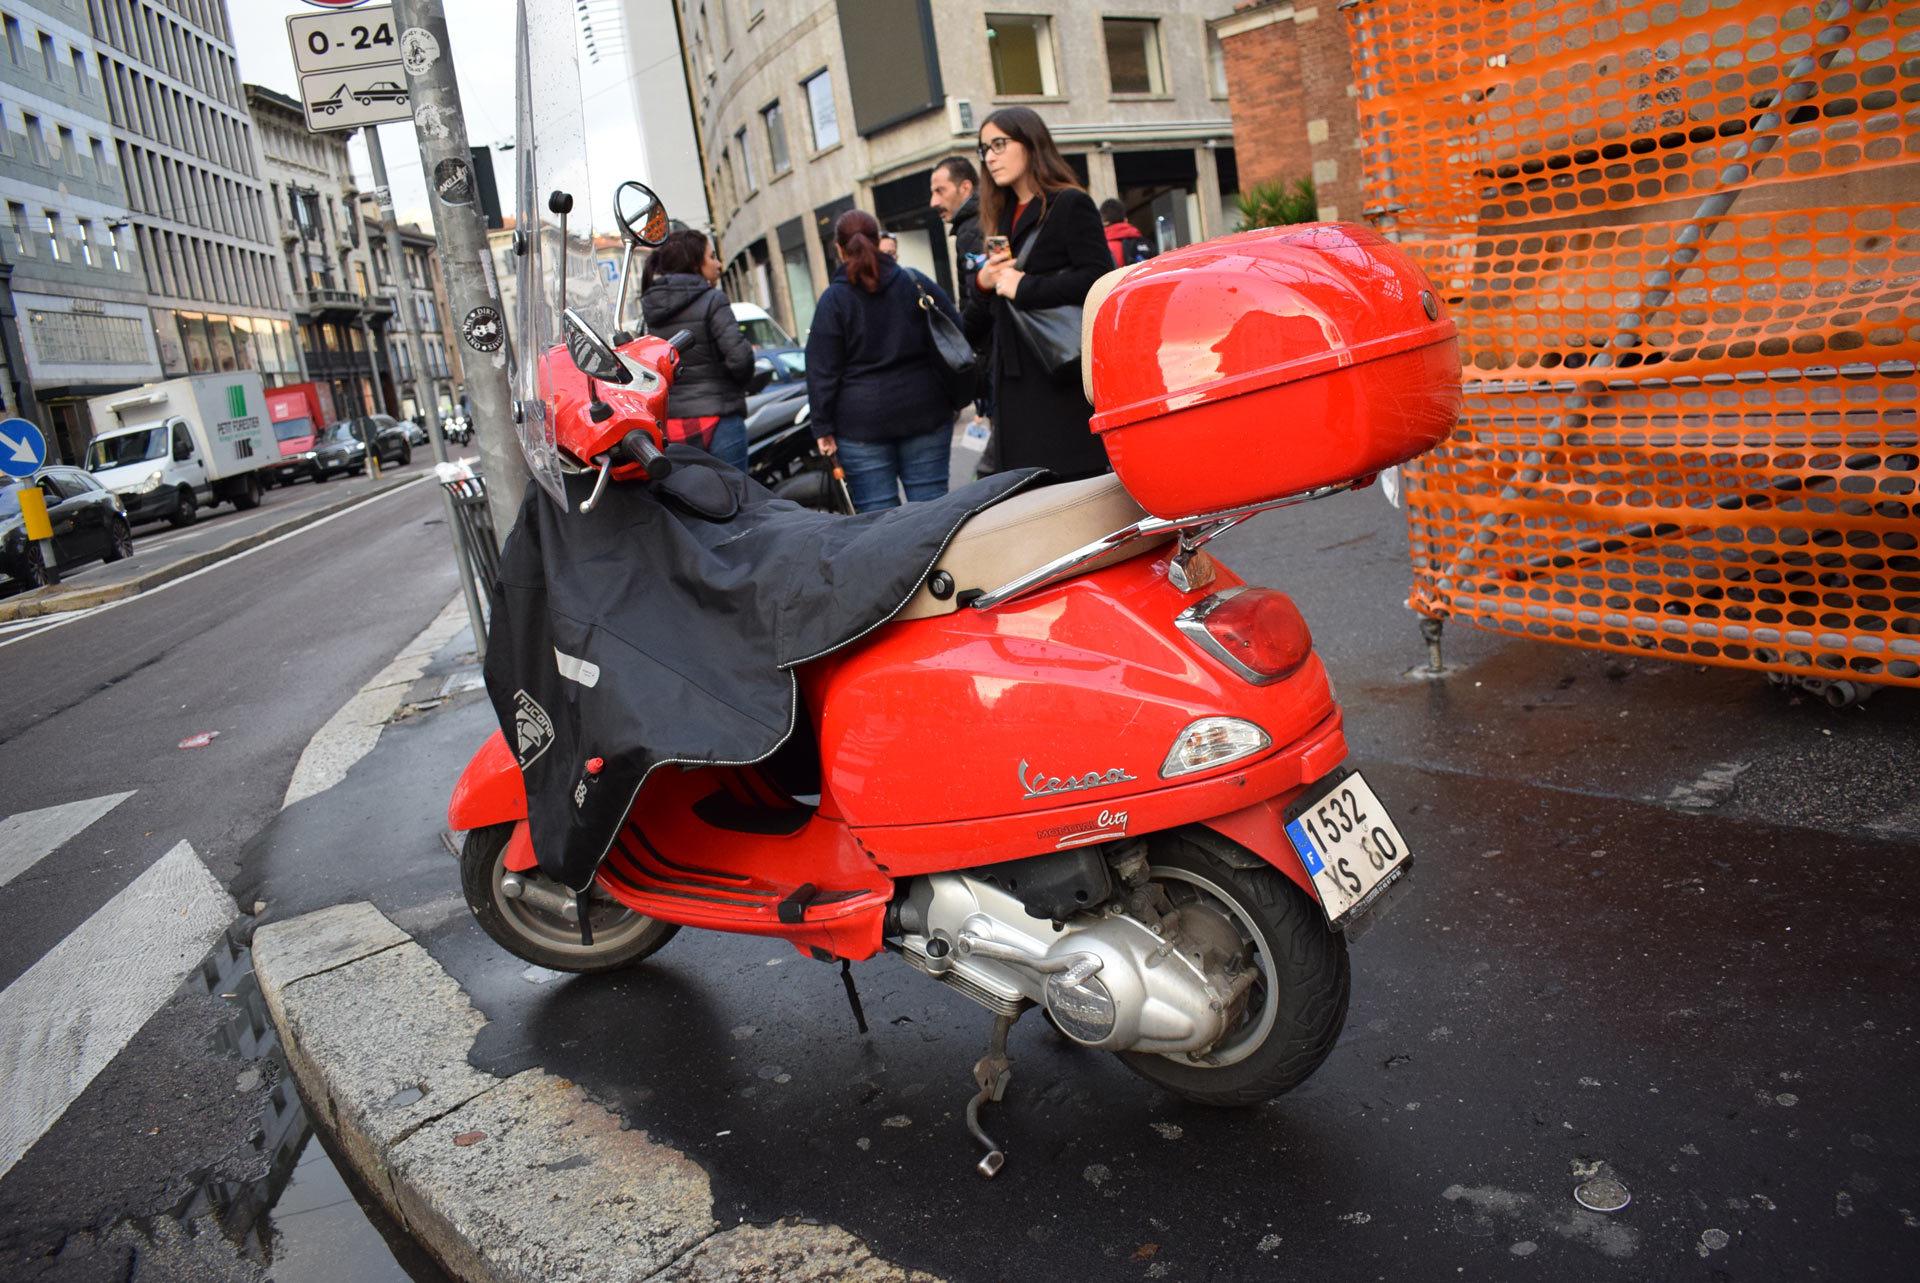 バイク天国☆イタリアの旅 その5 ミラノ街を散策_d0099181_10551130.jpg